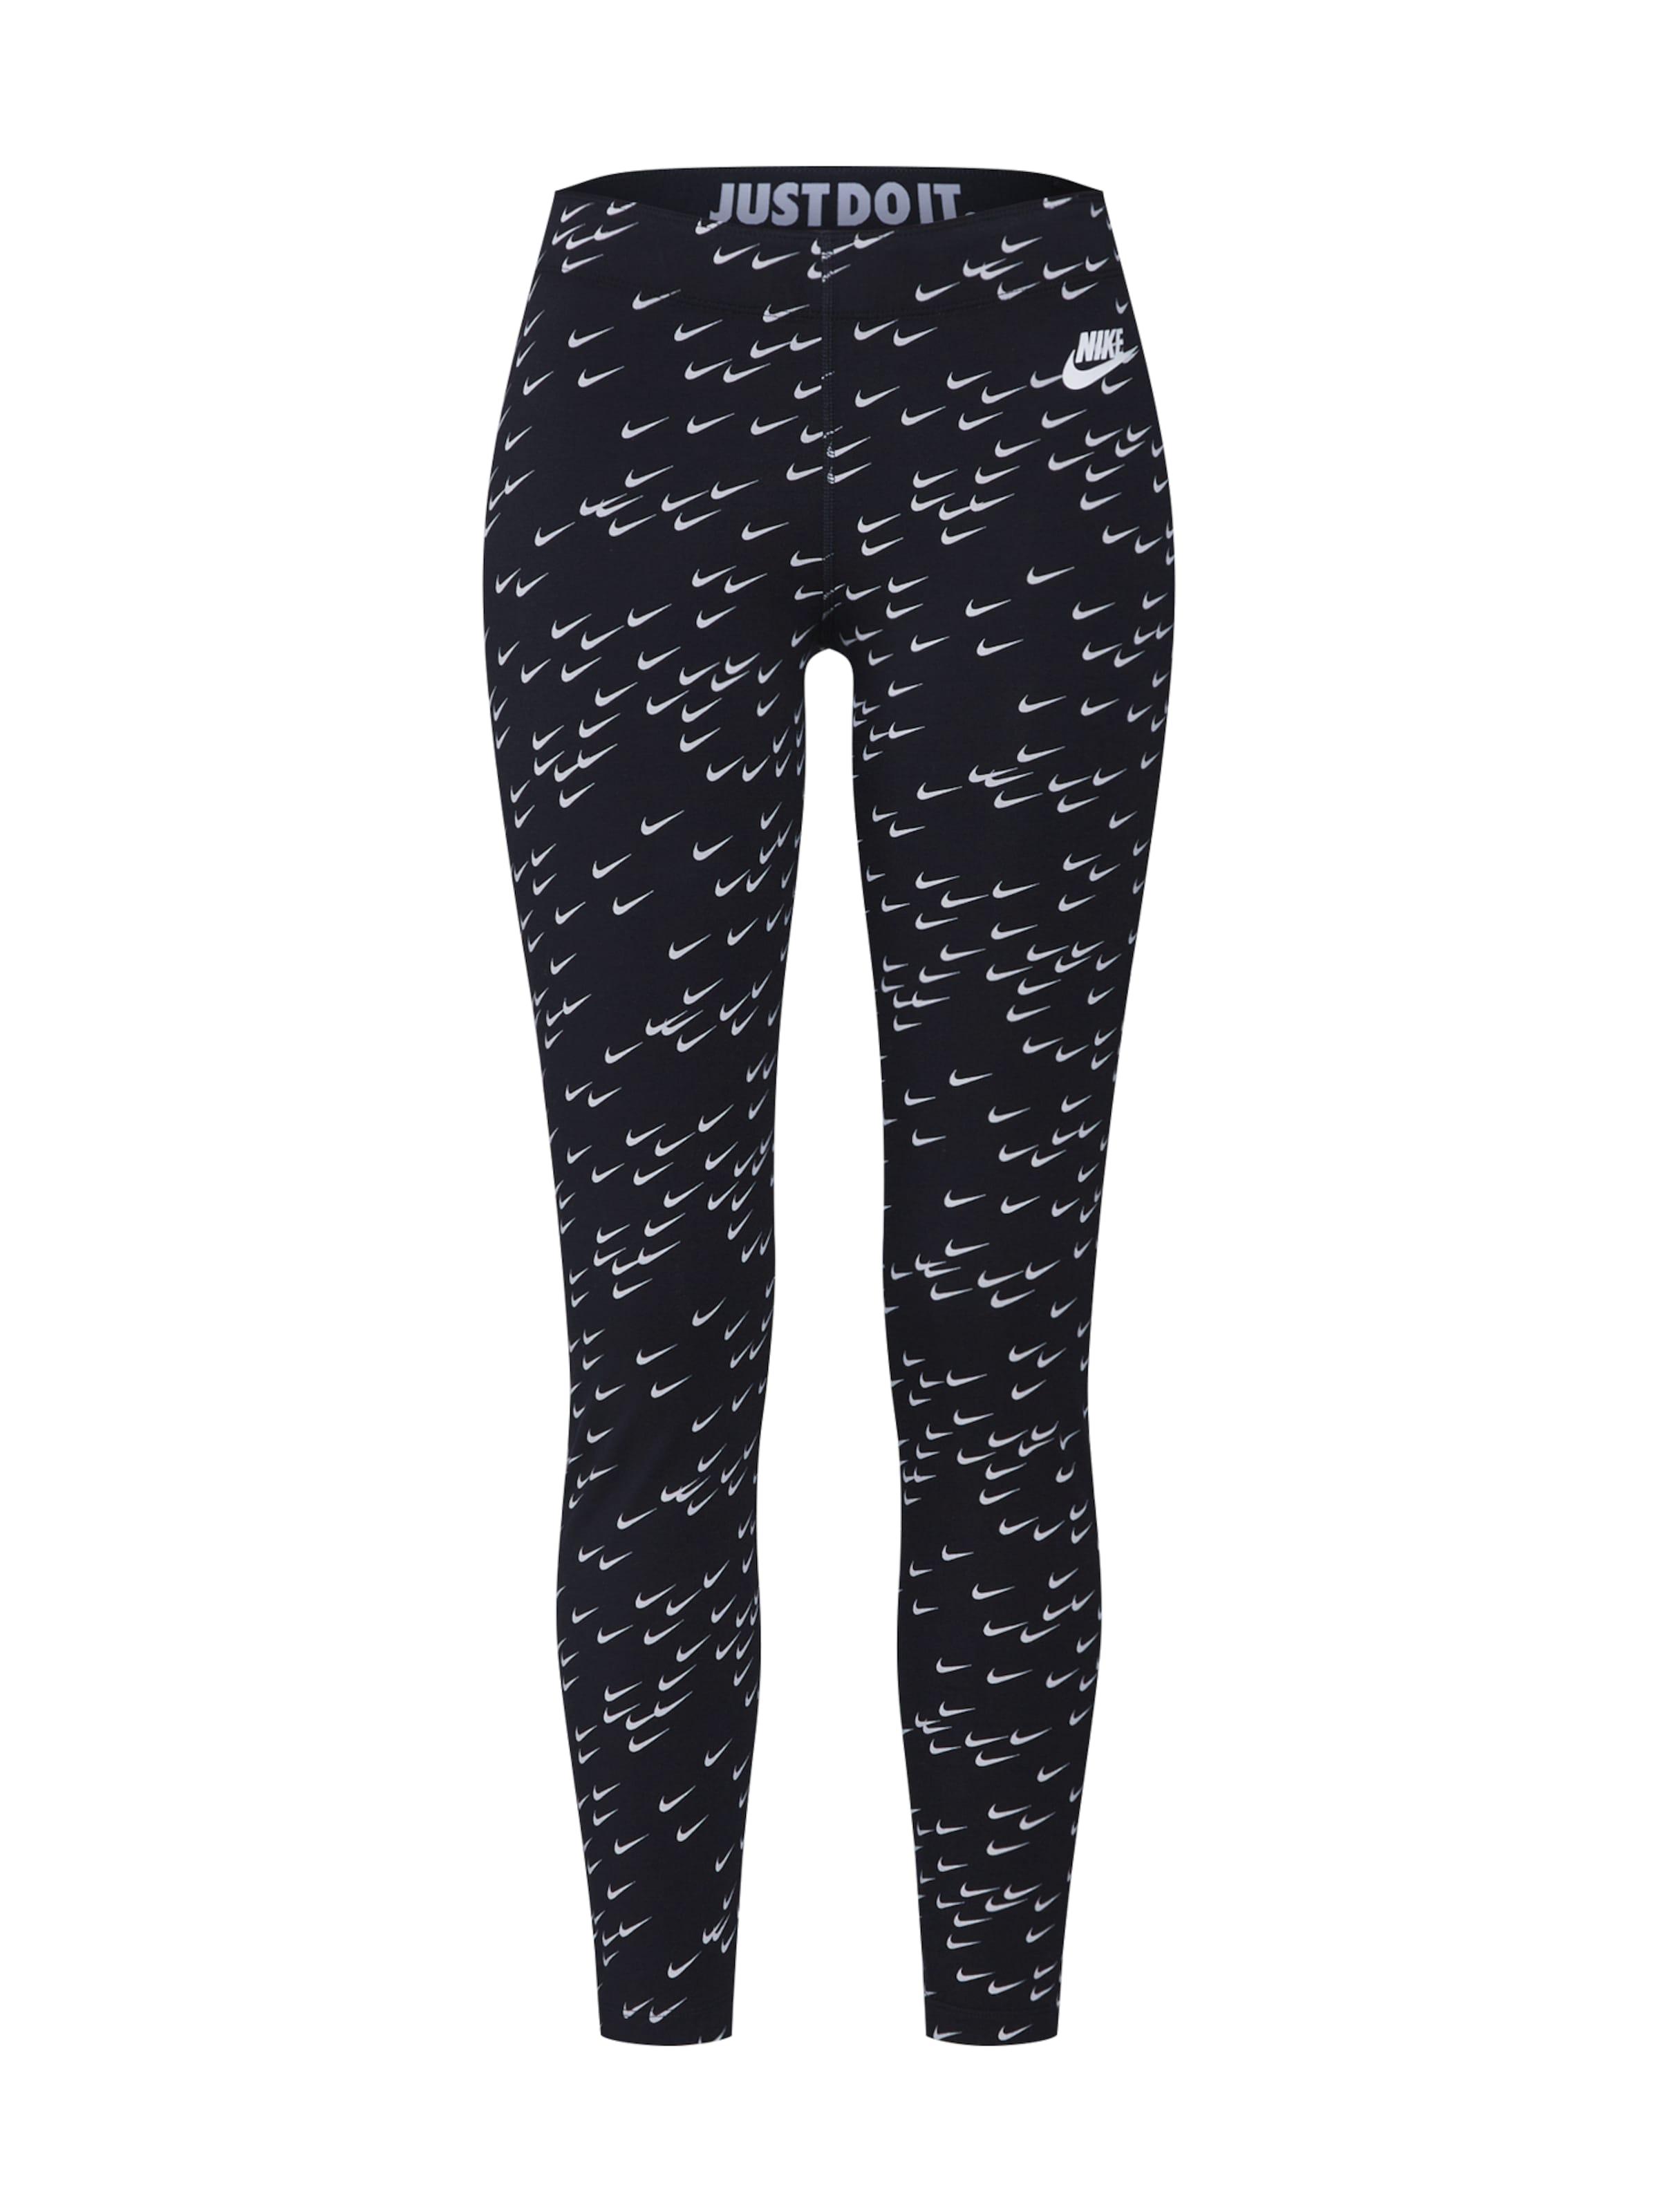 Sportswear Zwart 'w Legasee' In Nsw Leggings Nike CxdrBeo